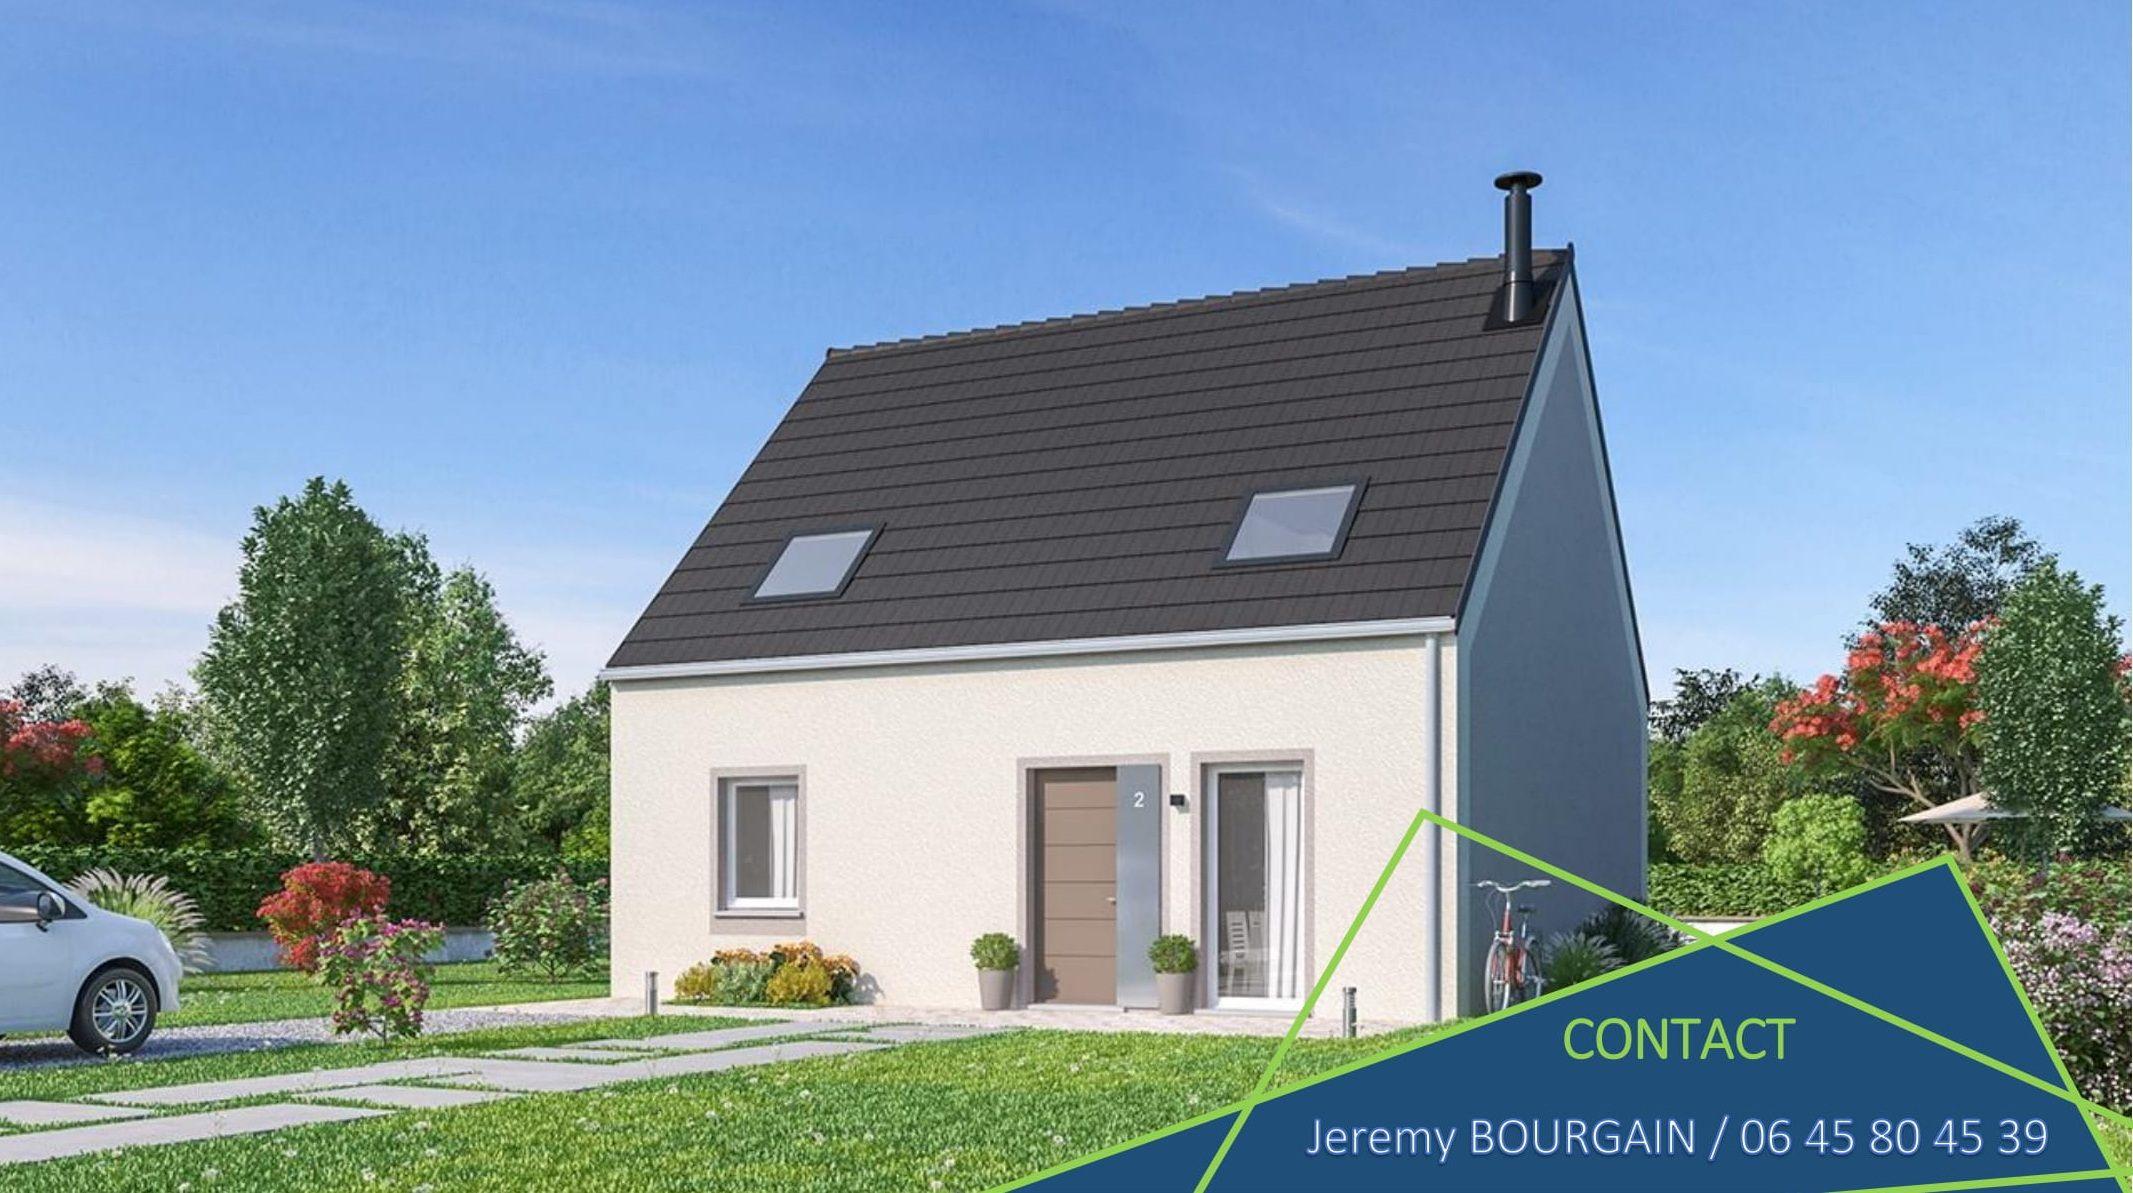 Maisons + Terrains du constructeur MAISONS PHENIX LEZENNES • 115 m² • THUMERIES